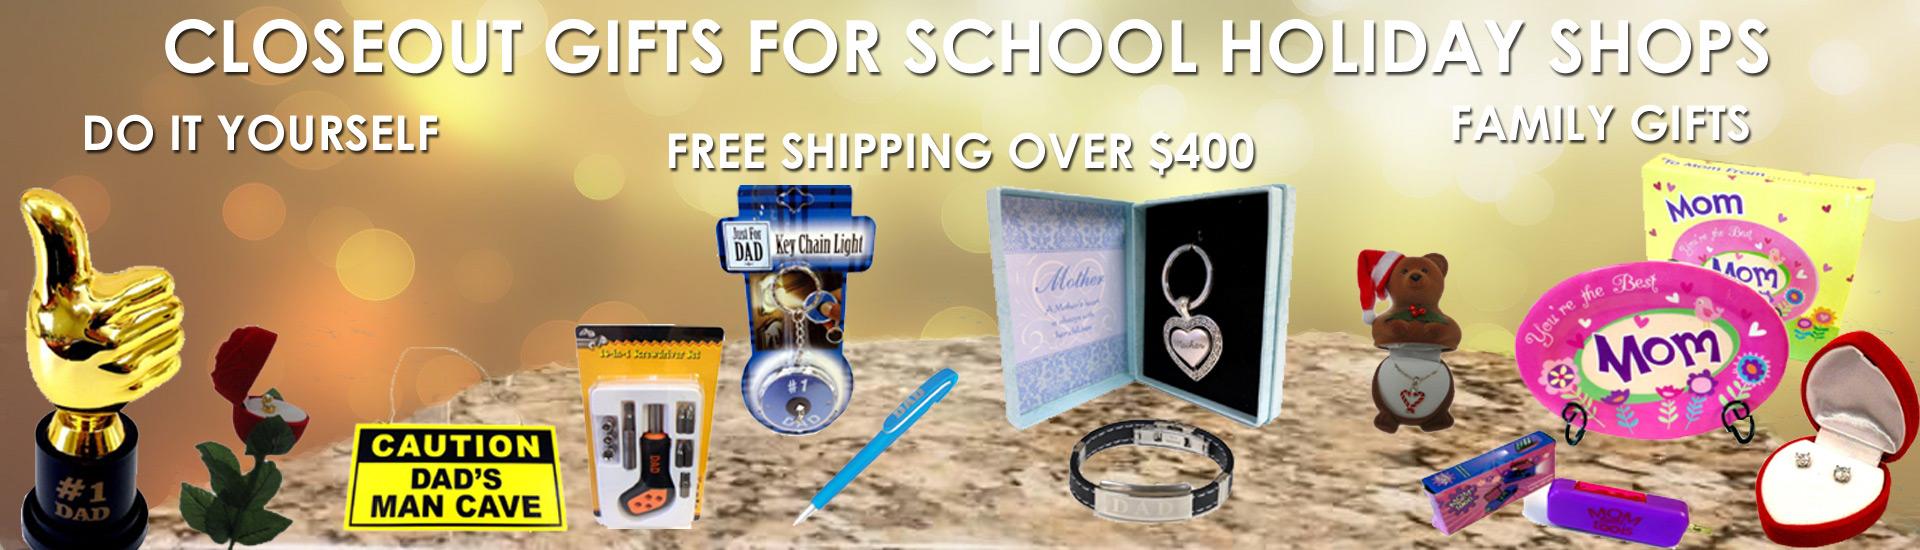 Santa Shop Holiday Gifts Closeouts - School Santa Shops